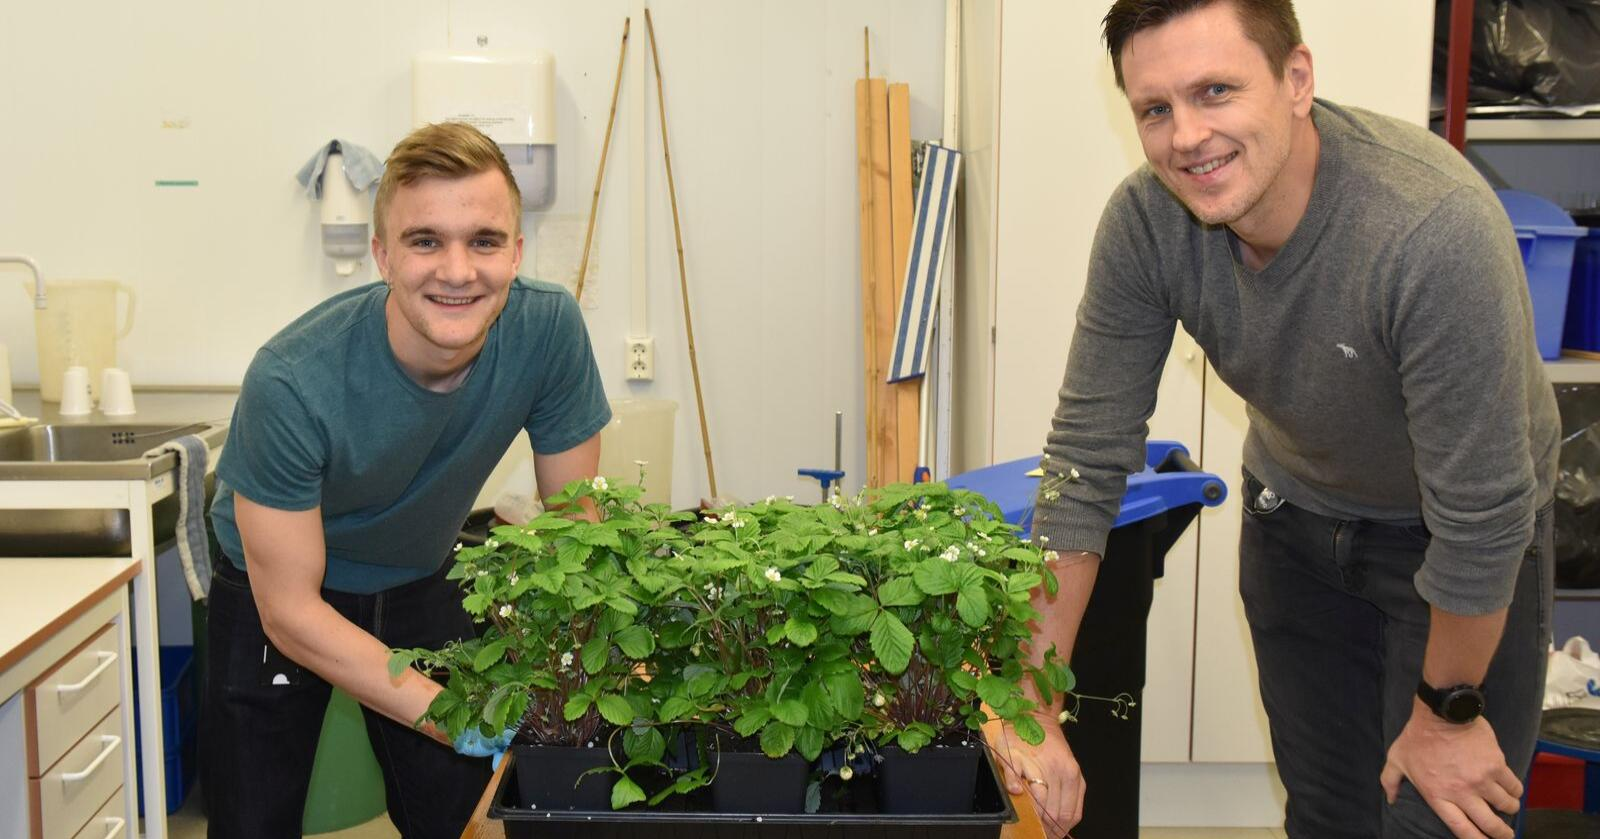 Forsøk: Masterstudent ved NMBU Oskar Schnedler Bjorå og Nibio-forsker Tage Thorsteinsen er nå i gang med smitteforsøk der de tester om markjordbæra faktisk har blitt mer resistent mot gråskimmelsoppen. Foto: Siri Elise Dybdal, Nibio